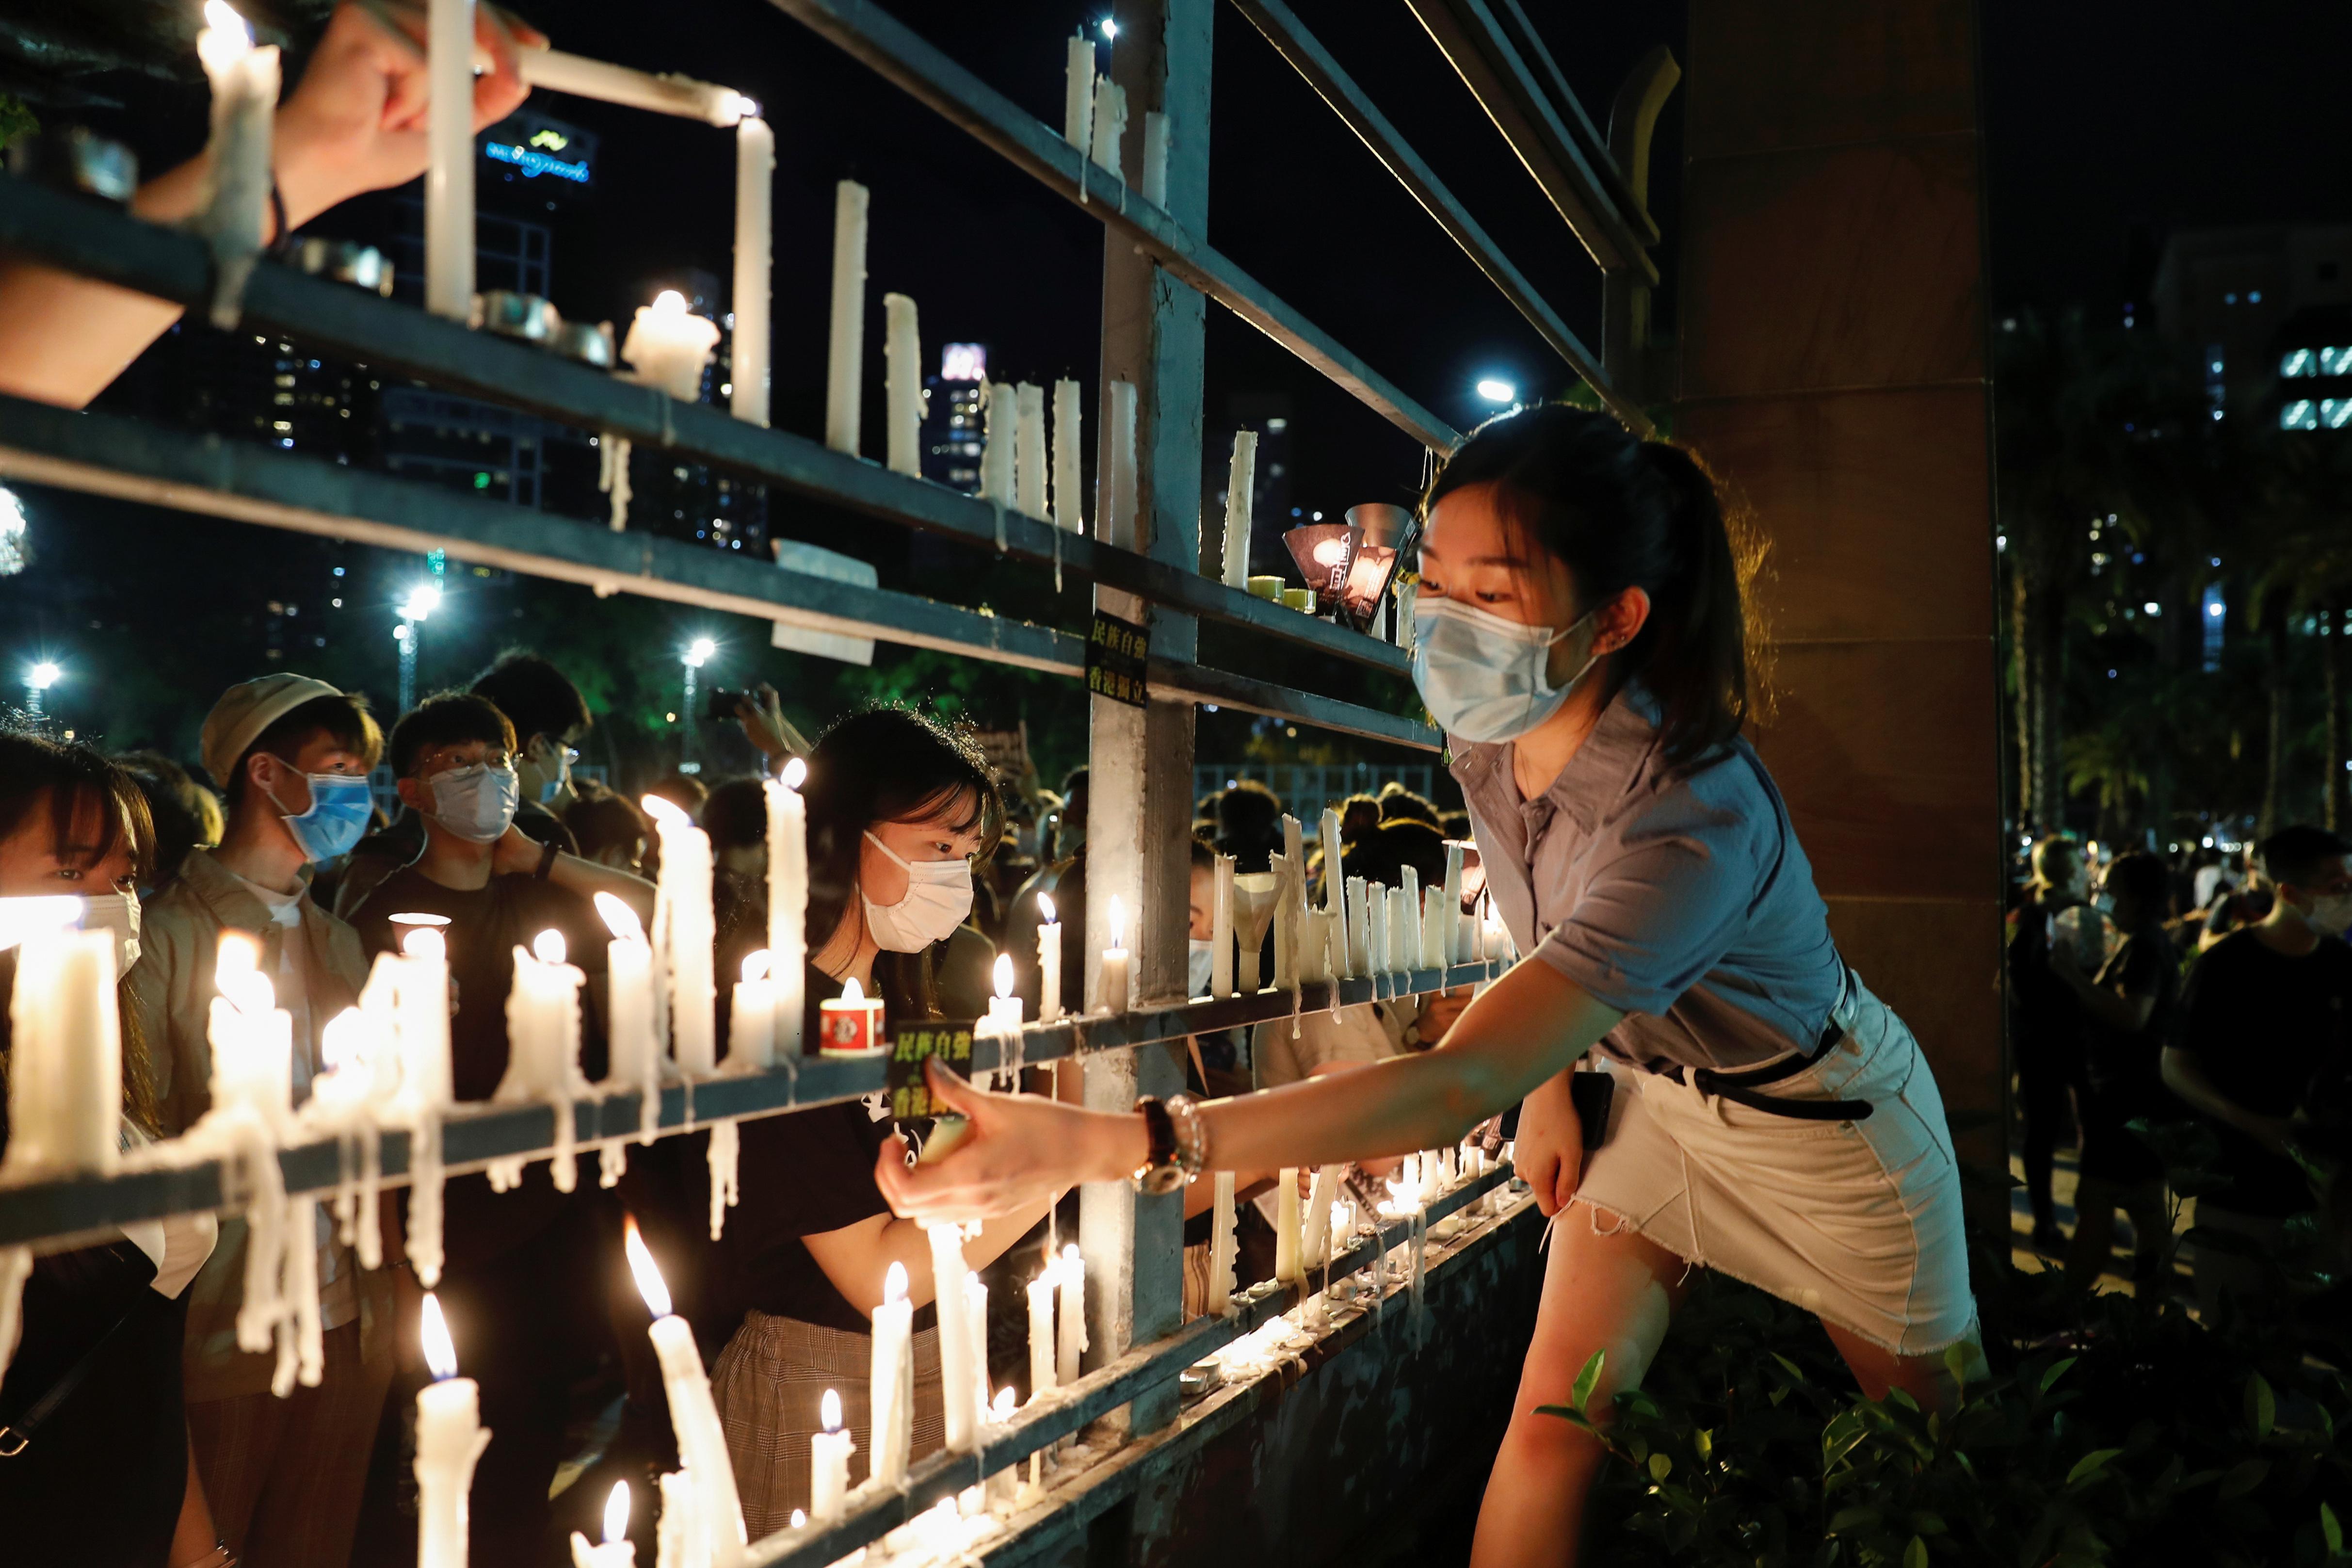 Una joven deja su vela junto a otras (REUTERS/Tyrone Siu)